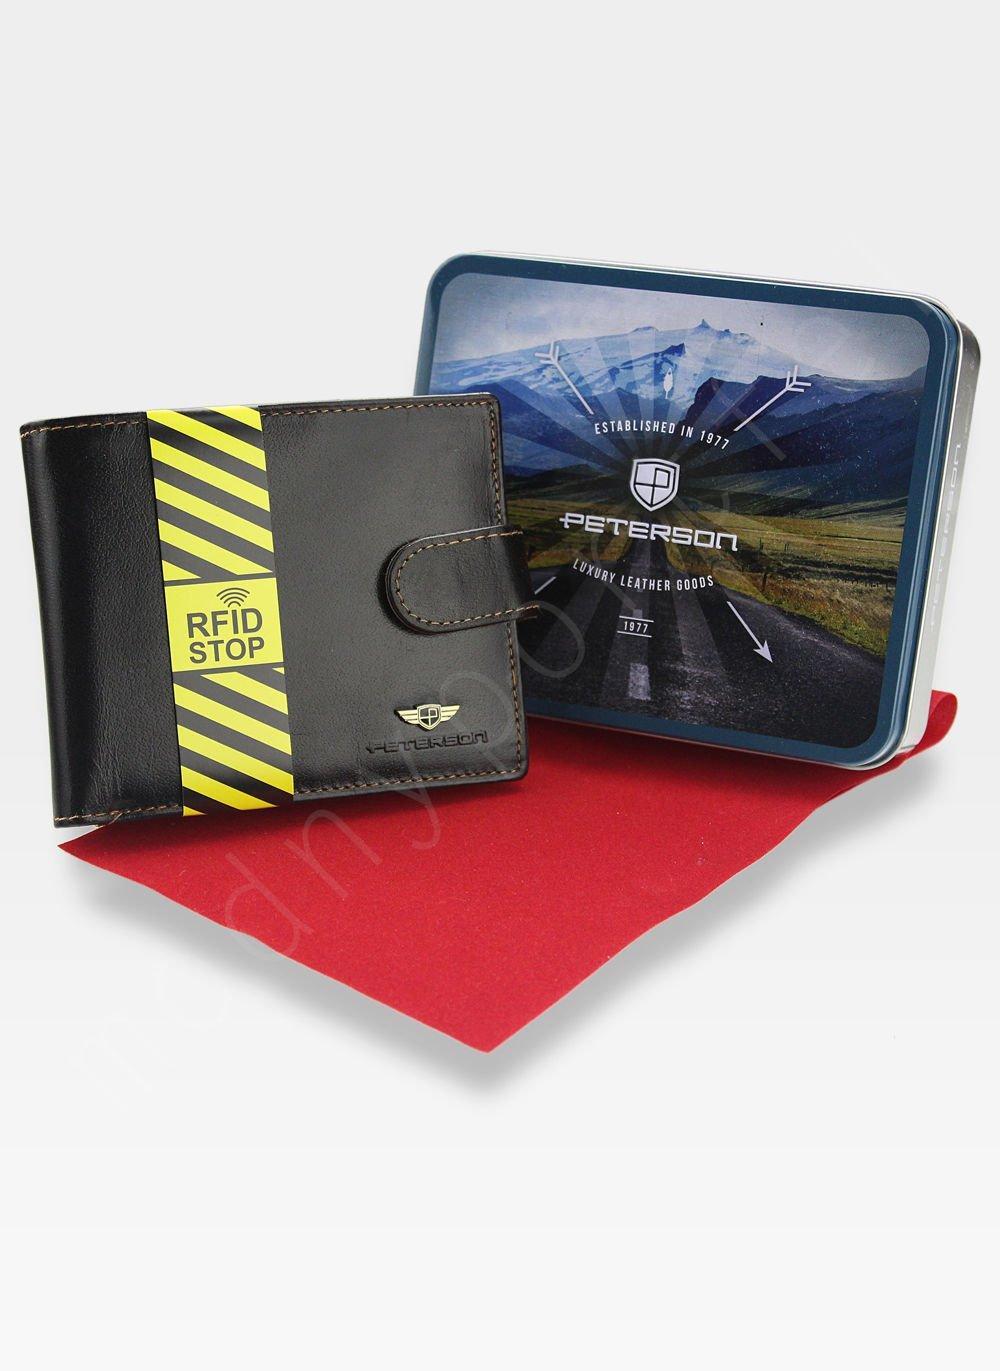 aeeac18868e202 Kliknij, aby powiększyć · Portfel Męski Peterson Skórzany 306 Ciemny Brąz  Zapinany System RFID Mieści ...